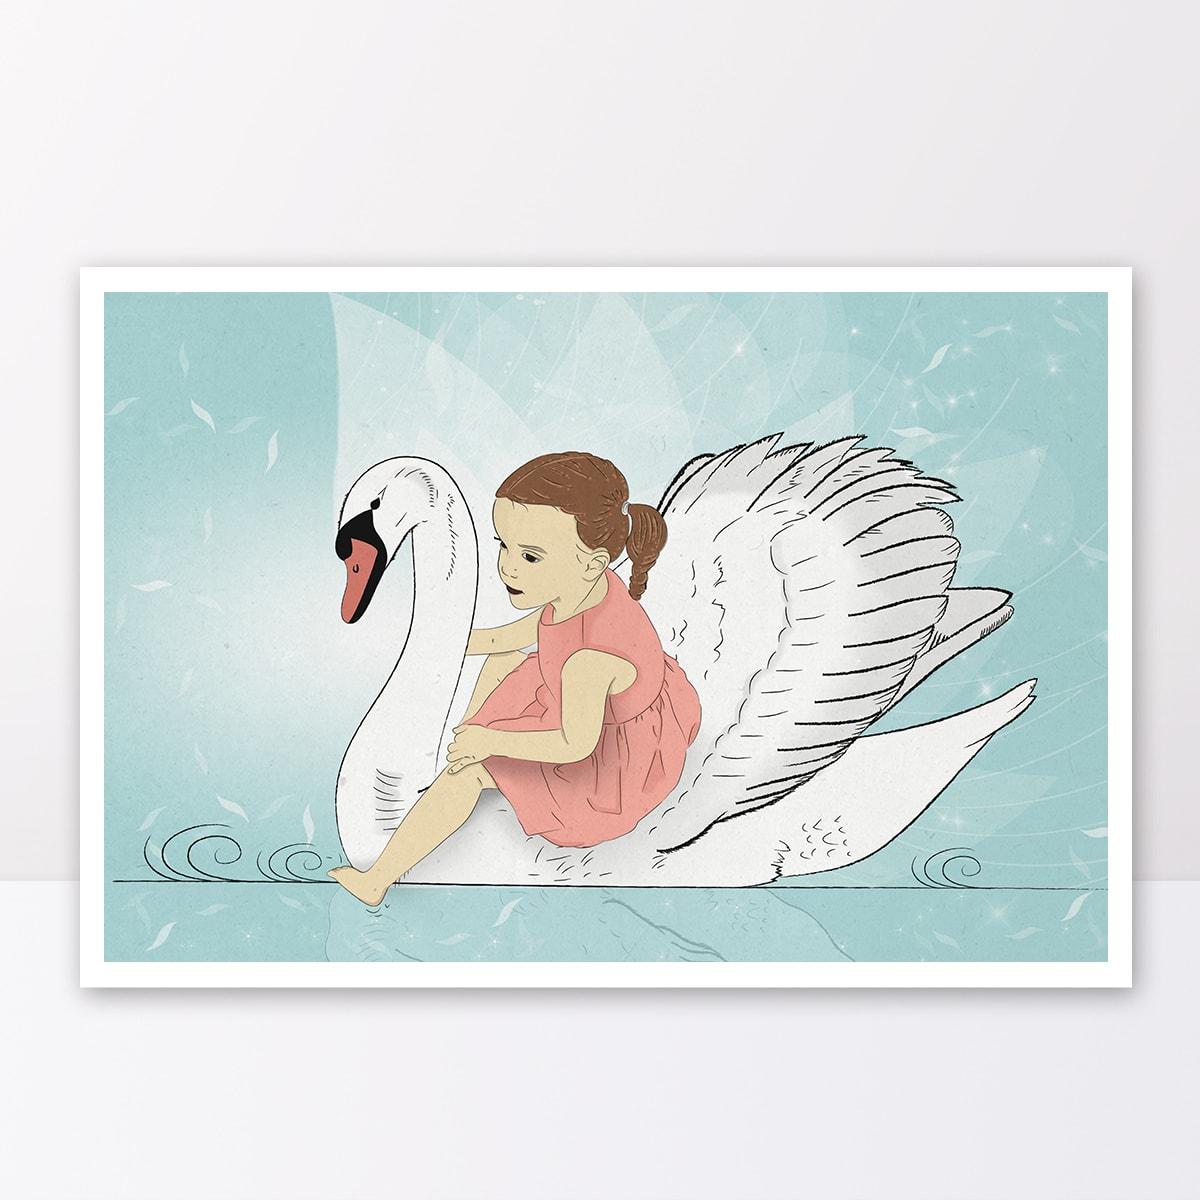 תמונה לחדר ילדים ילדה מפליגה על ברבור